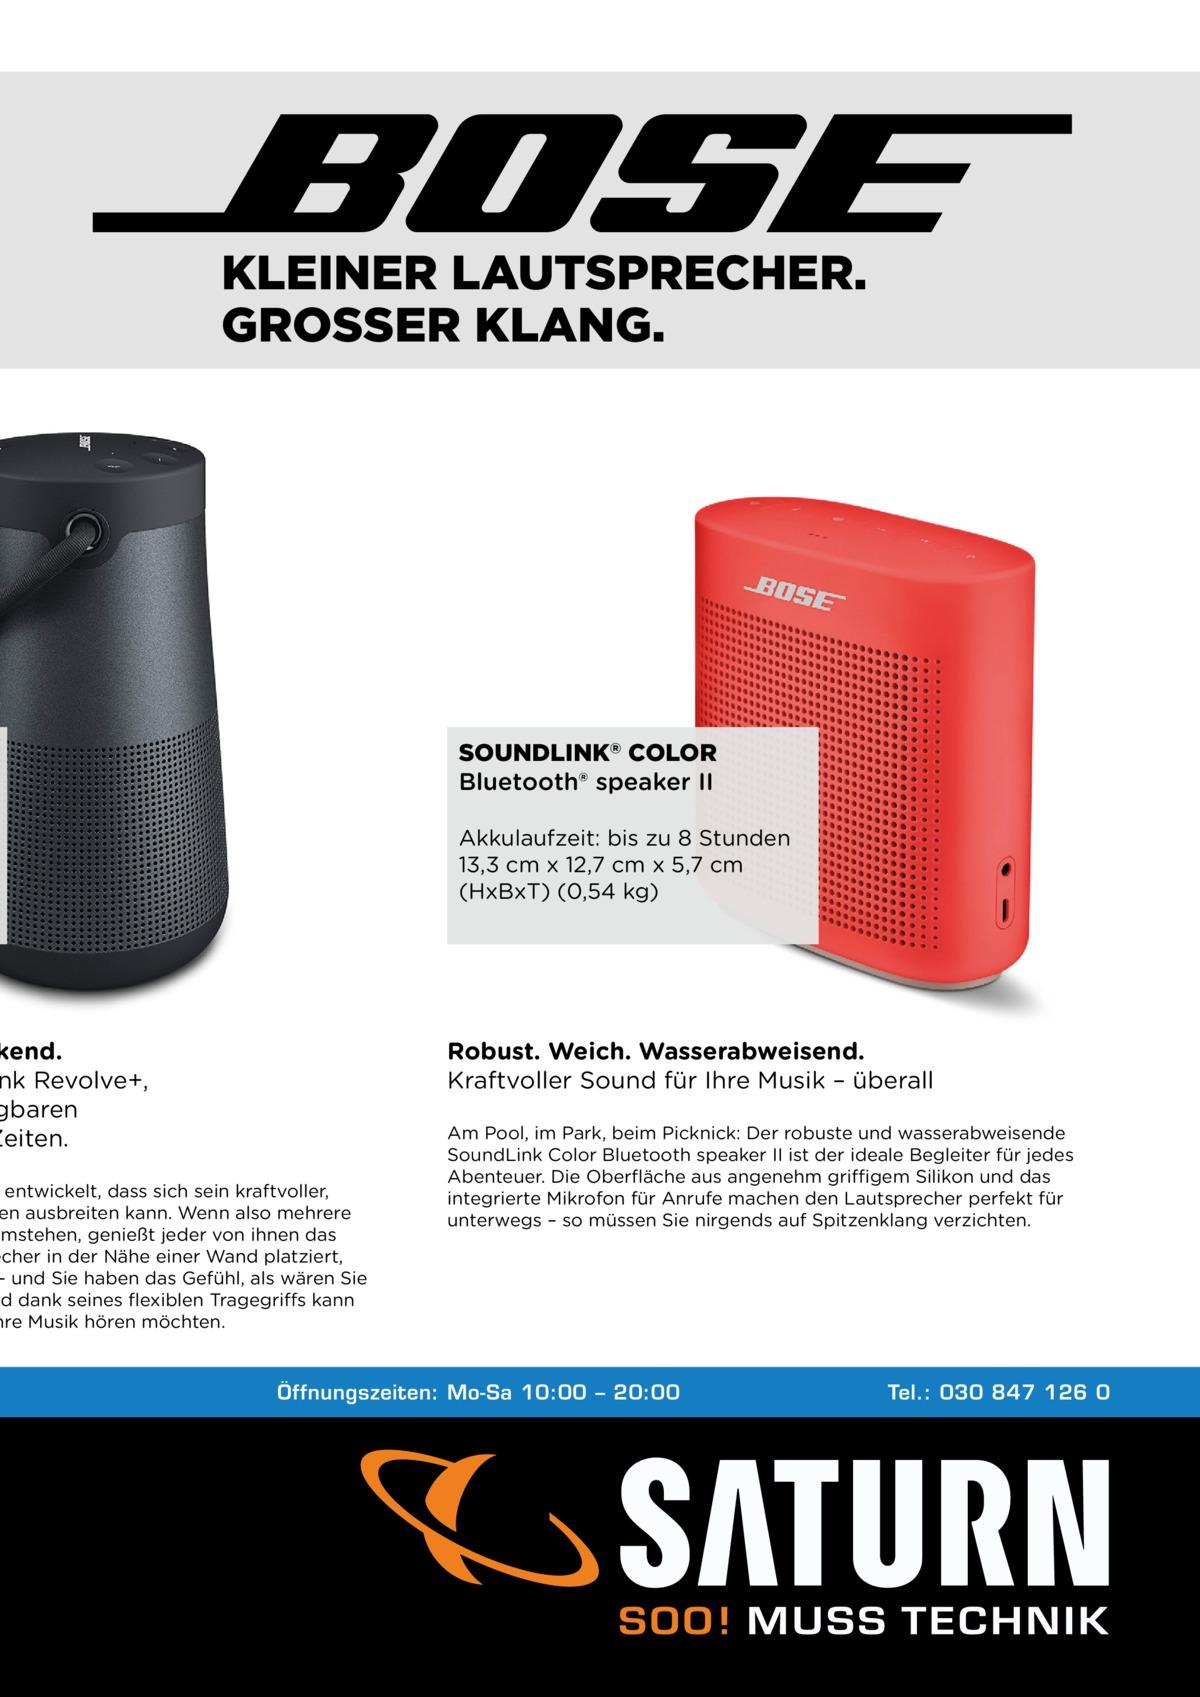 KLEINER LAUTSPRECHER. GROSSER KLANG.  SOUNDLINK® COLOR Bluetooth® speaker II Akkulaufzeit: bis zu 8 Stunden 13,3 cm x 12,7 cm x 5,7 cm (HxBxT) (0,54 kg)  kend. nk Revolve+, gbaren Zeiten.  Robust. Weich. Wasserabweisend. Kraftvoller Sound für Ihre Musik – überall  entwickelt, dass sich sein kraftvoller, en ausbreiten kann. Wenn also mehrere umstehen, genießt jeder von ihnen das echer in der Nähe einer Wand platziert, – und Sie haben das Gefühl, als wären Sie nd dank seines flexiblen Tragegriffs kann hre Musik hören möchten.  Am Pool, im Park, beim Picknick: Der robuste und wasserabweisende SoundLink Color Bluetooth speaker II ist der ideale Begleiter für jedes Abenteuer. Die Oberfläche aus angenehm griffigem Silikon und das integrierte Mikrofon für Anrufe machen den Lautsprecher perfekt für unterwegs – so müssen Sie nirgends auf Spitzenklang verzichten.  Öffnungszeiten: Mo-Sa 10:00 – 20:00  Tel.: 030 847 126 0